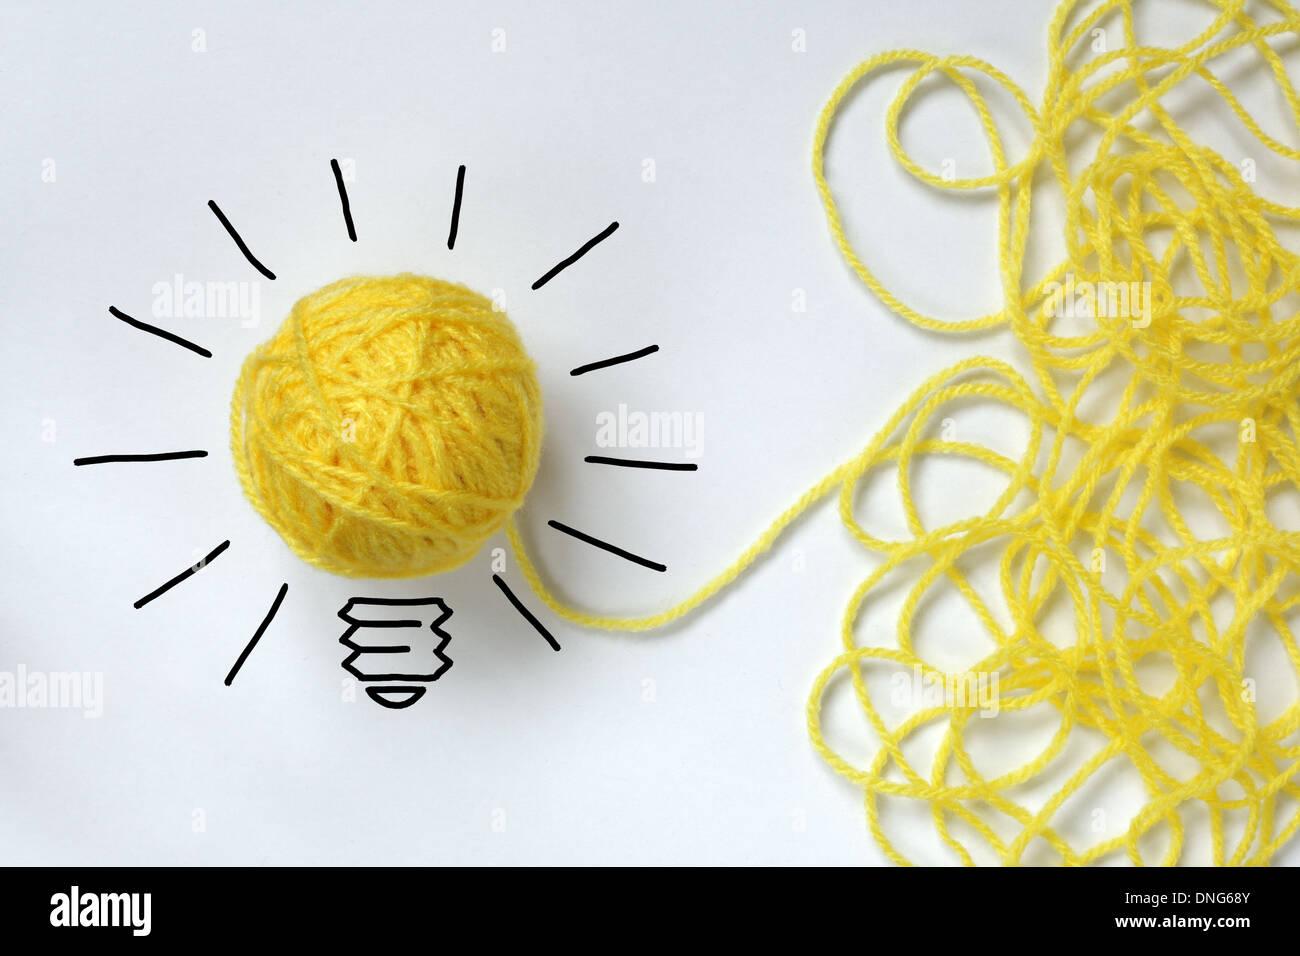 Buena idea Imagen De Stock